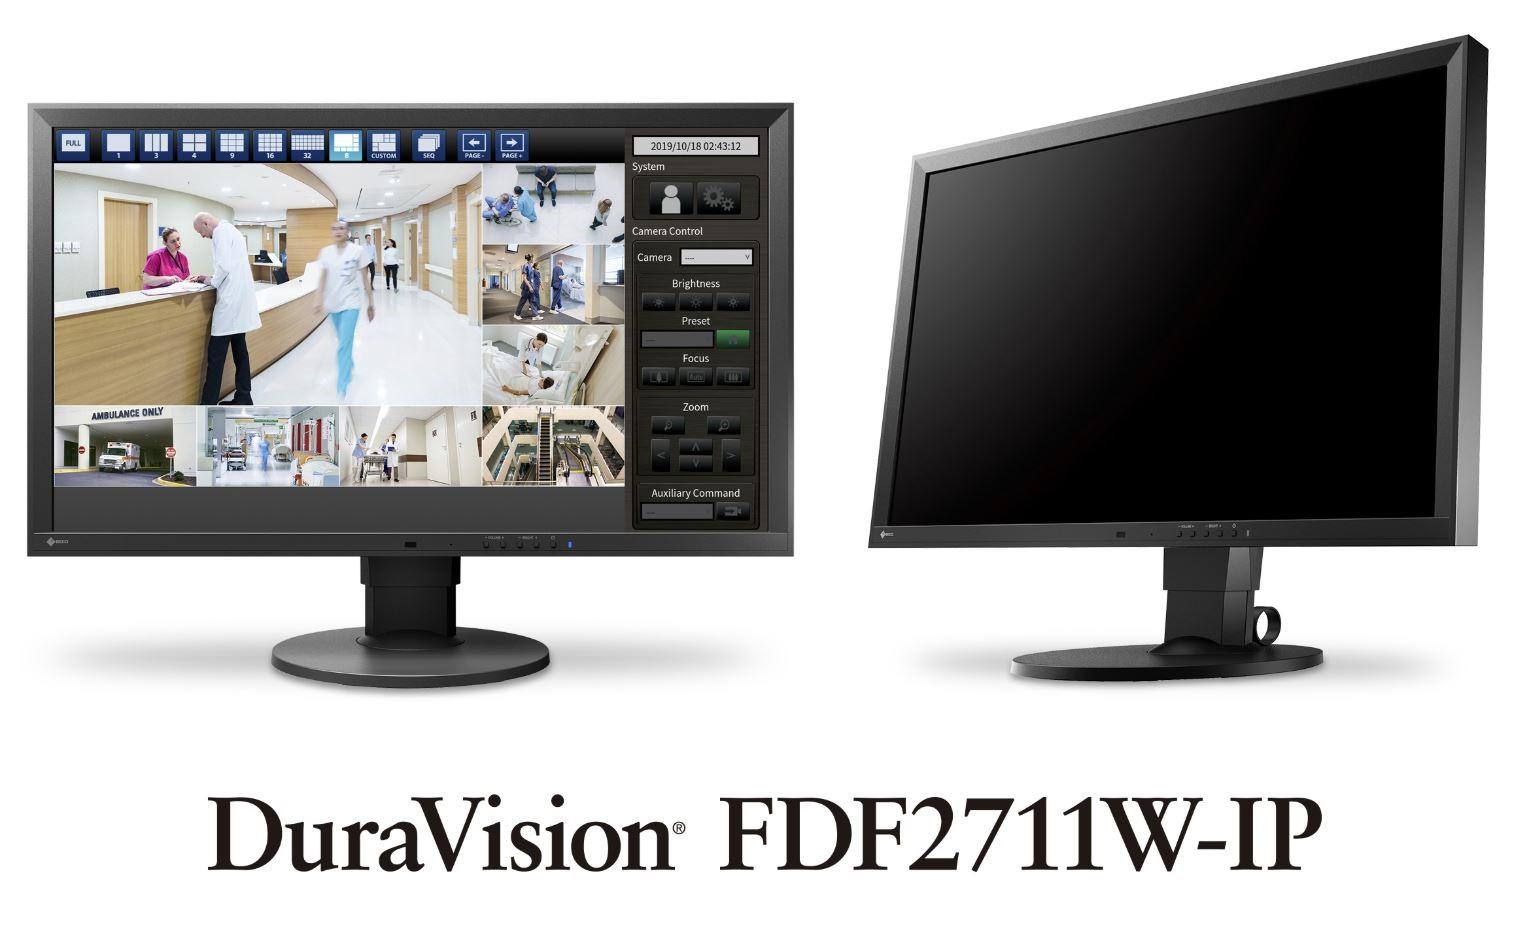 EIZO FDF2711W-IP